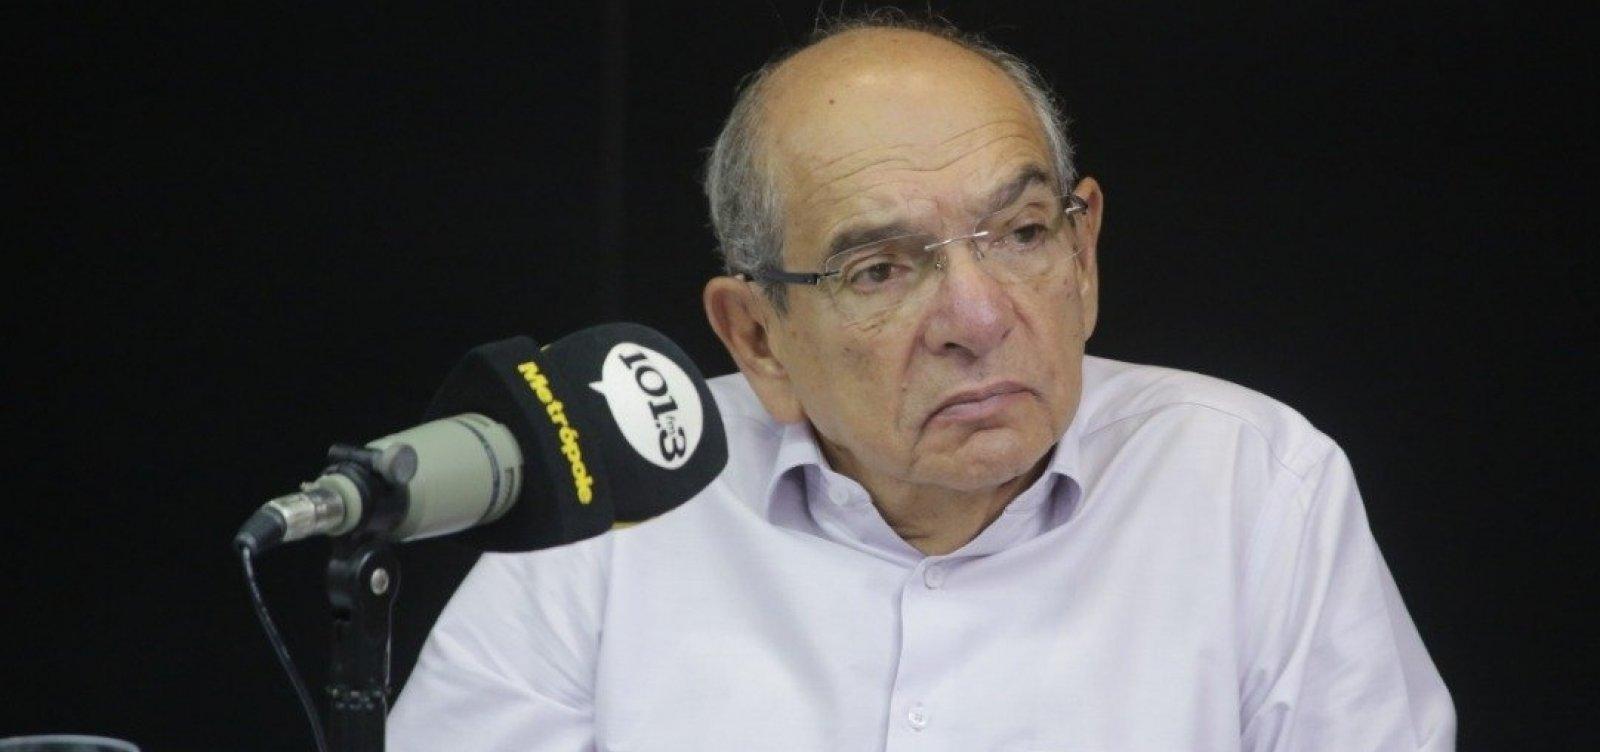 ['Até quando, Jair Bolsonaro, você vai abusar da nossa paciência?', questiona MK]